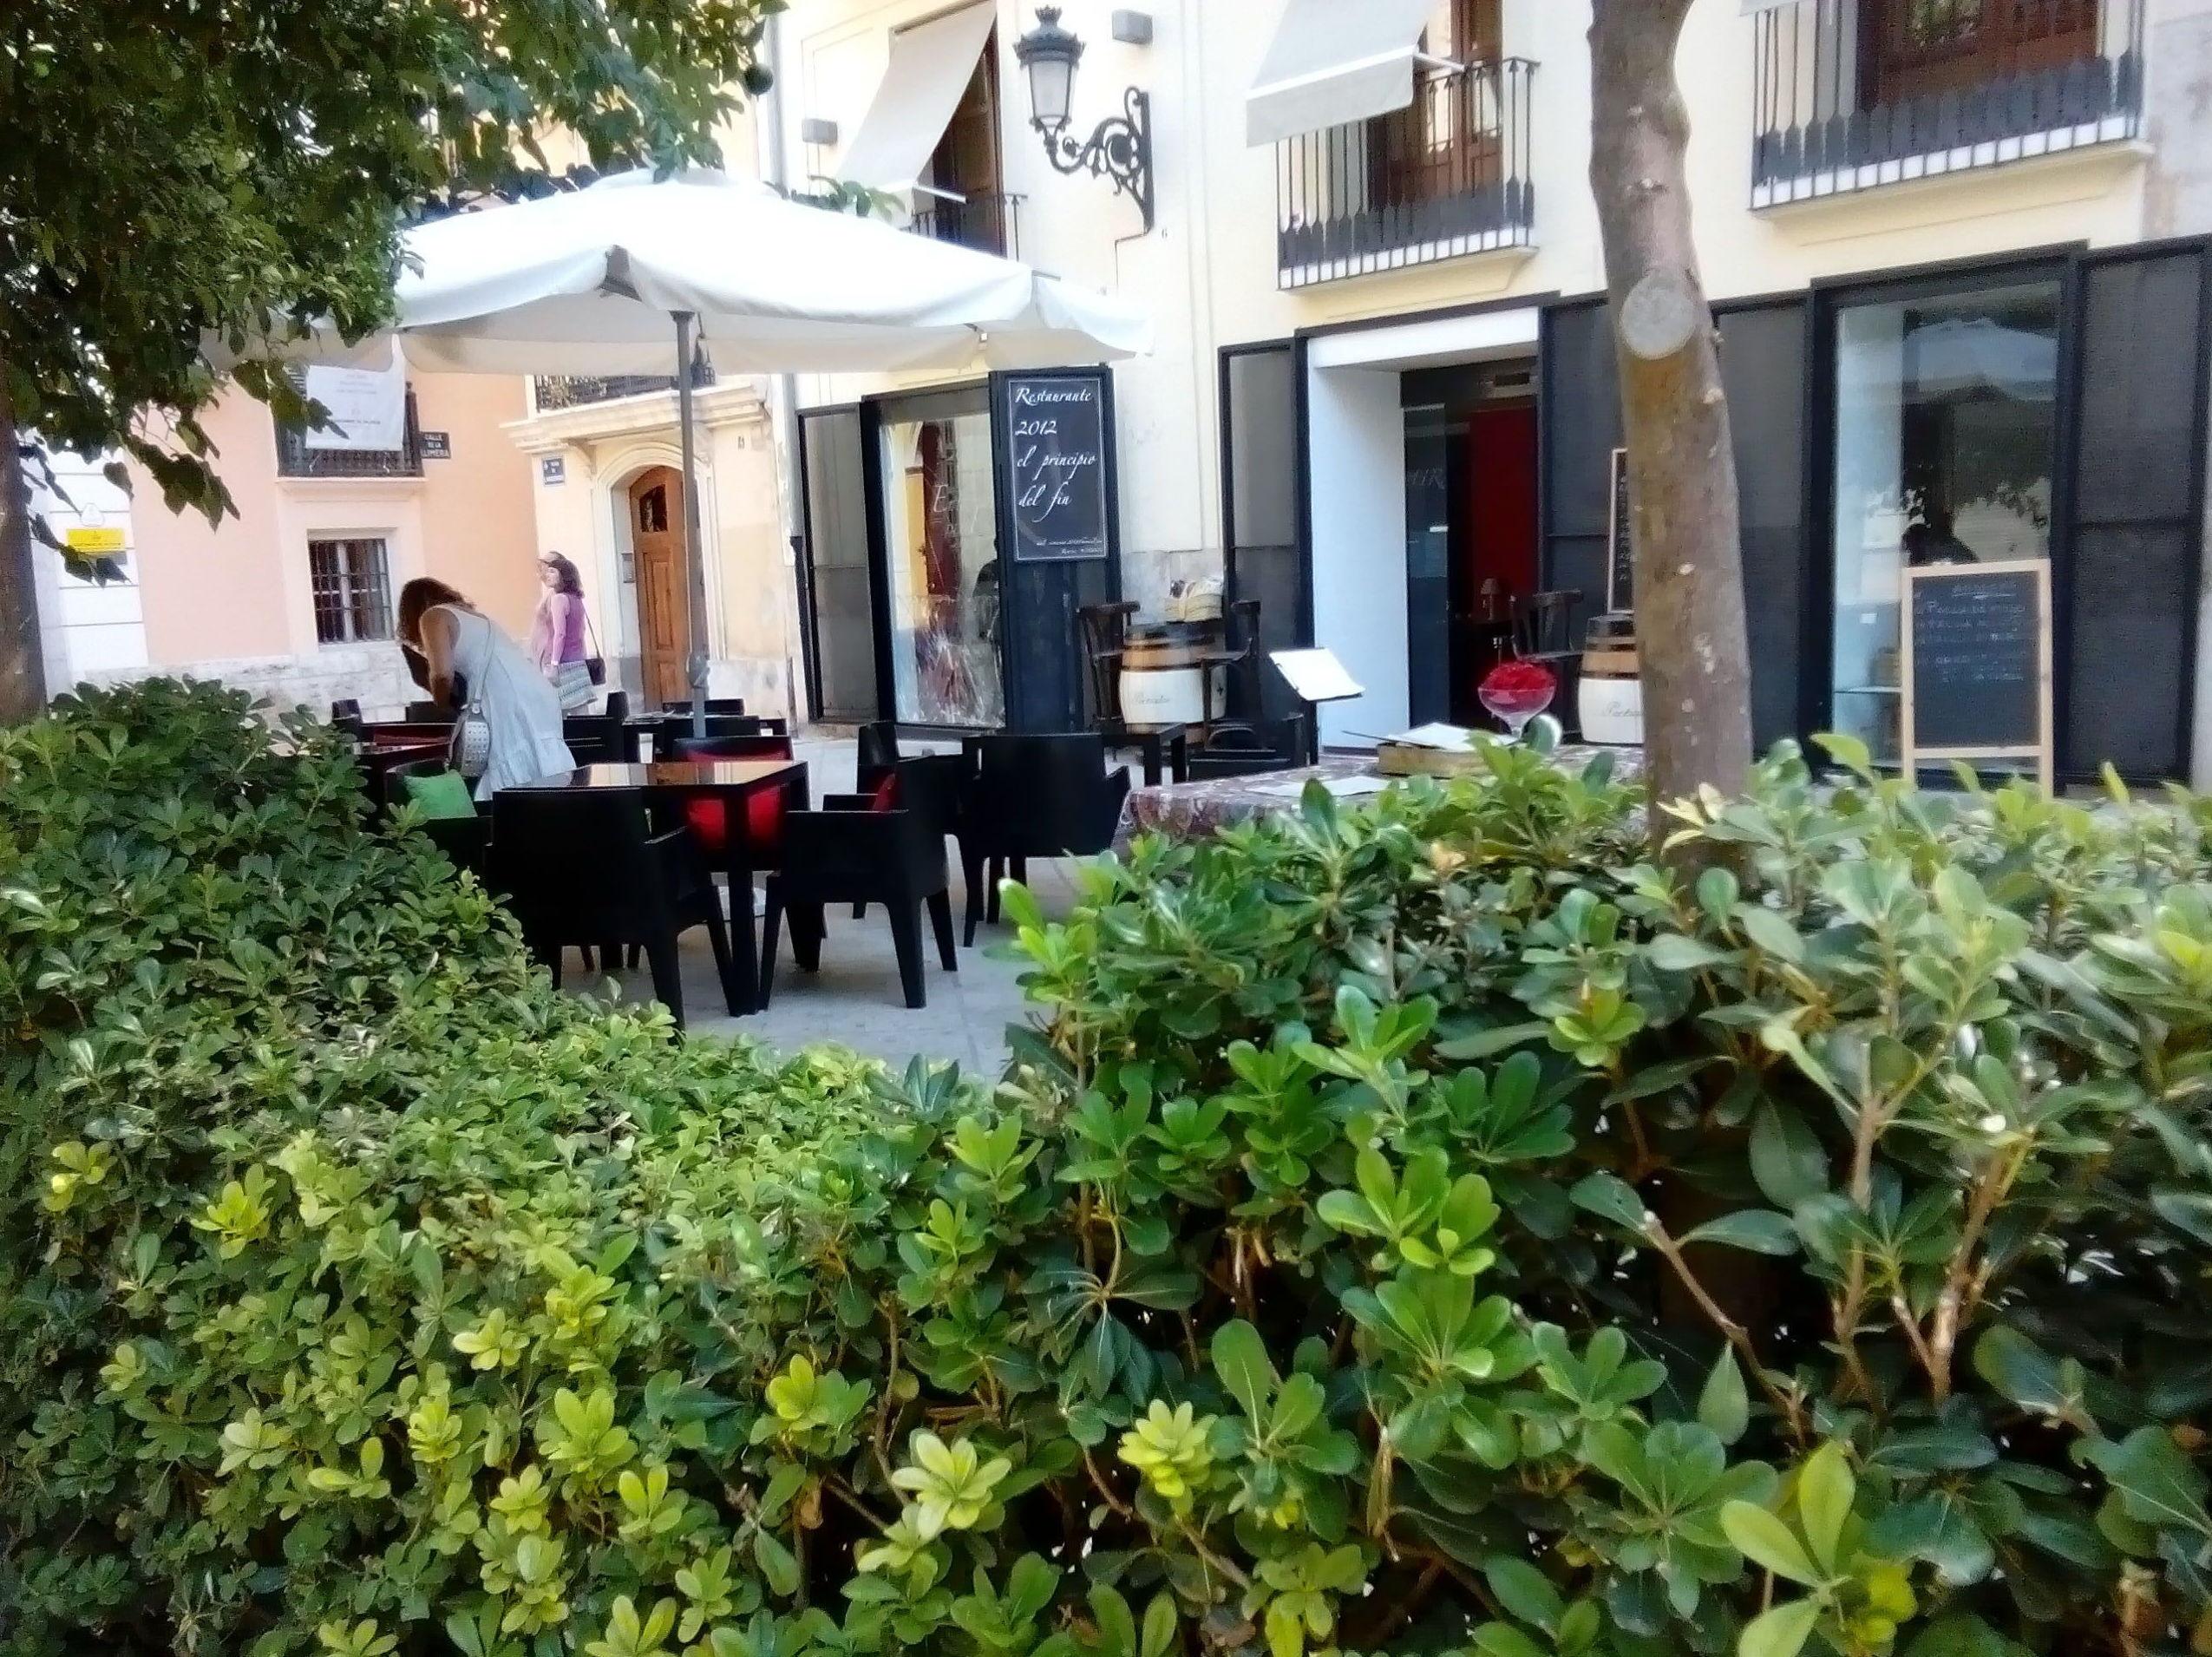 Foto 20 de Restaurante en Valencia | LOURDES ILLUECA DOBÓN